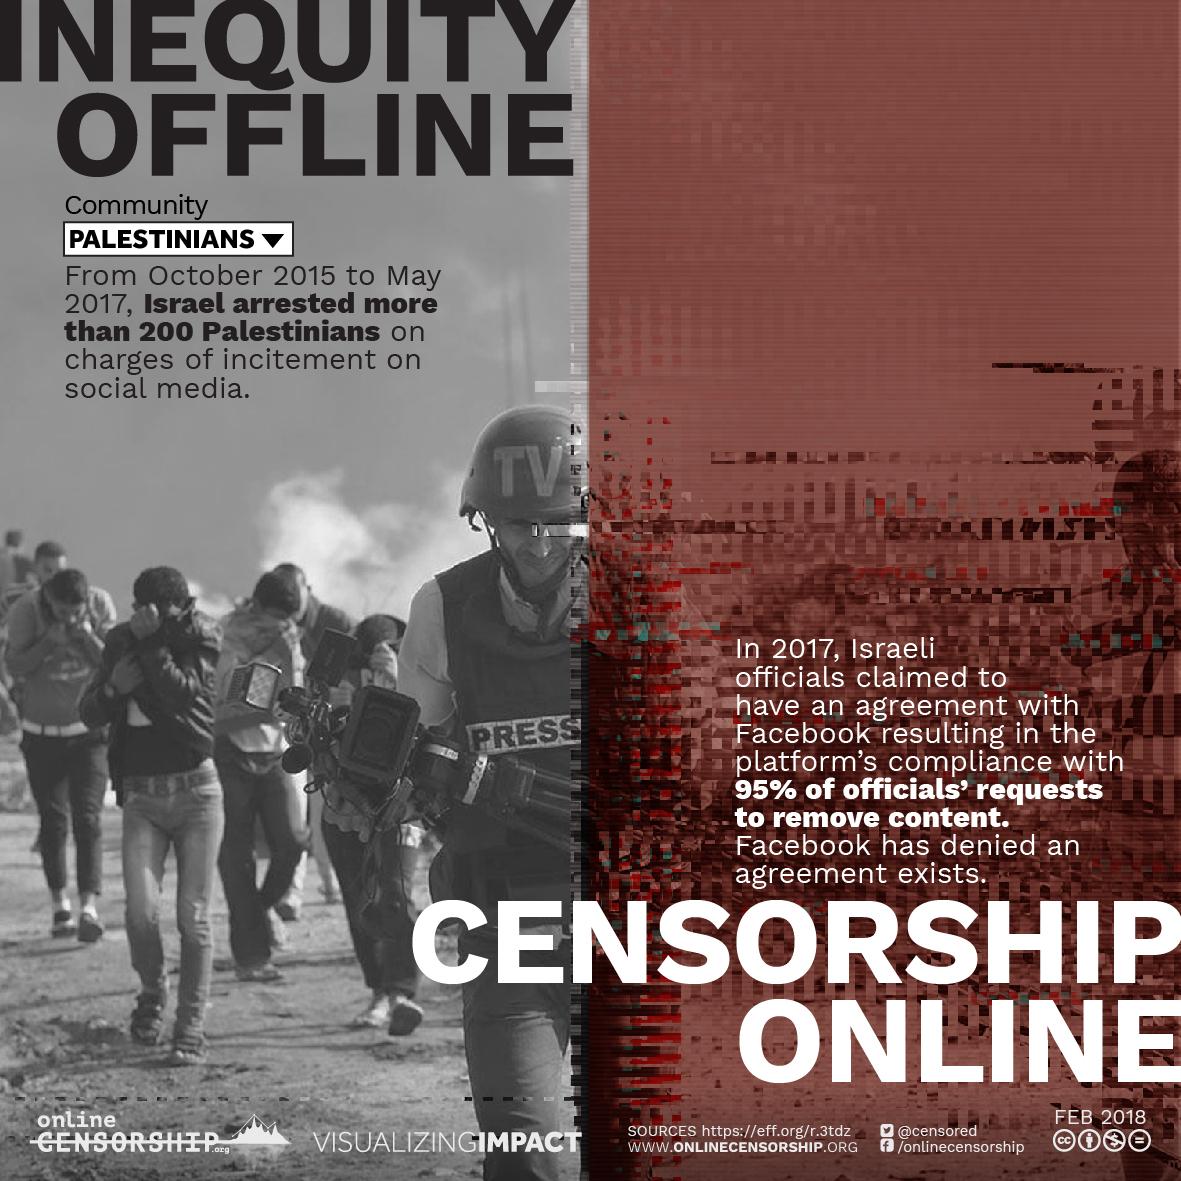 Offline/Online: Palestinians